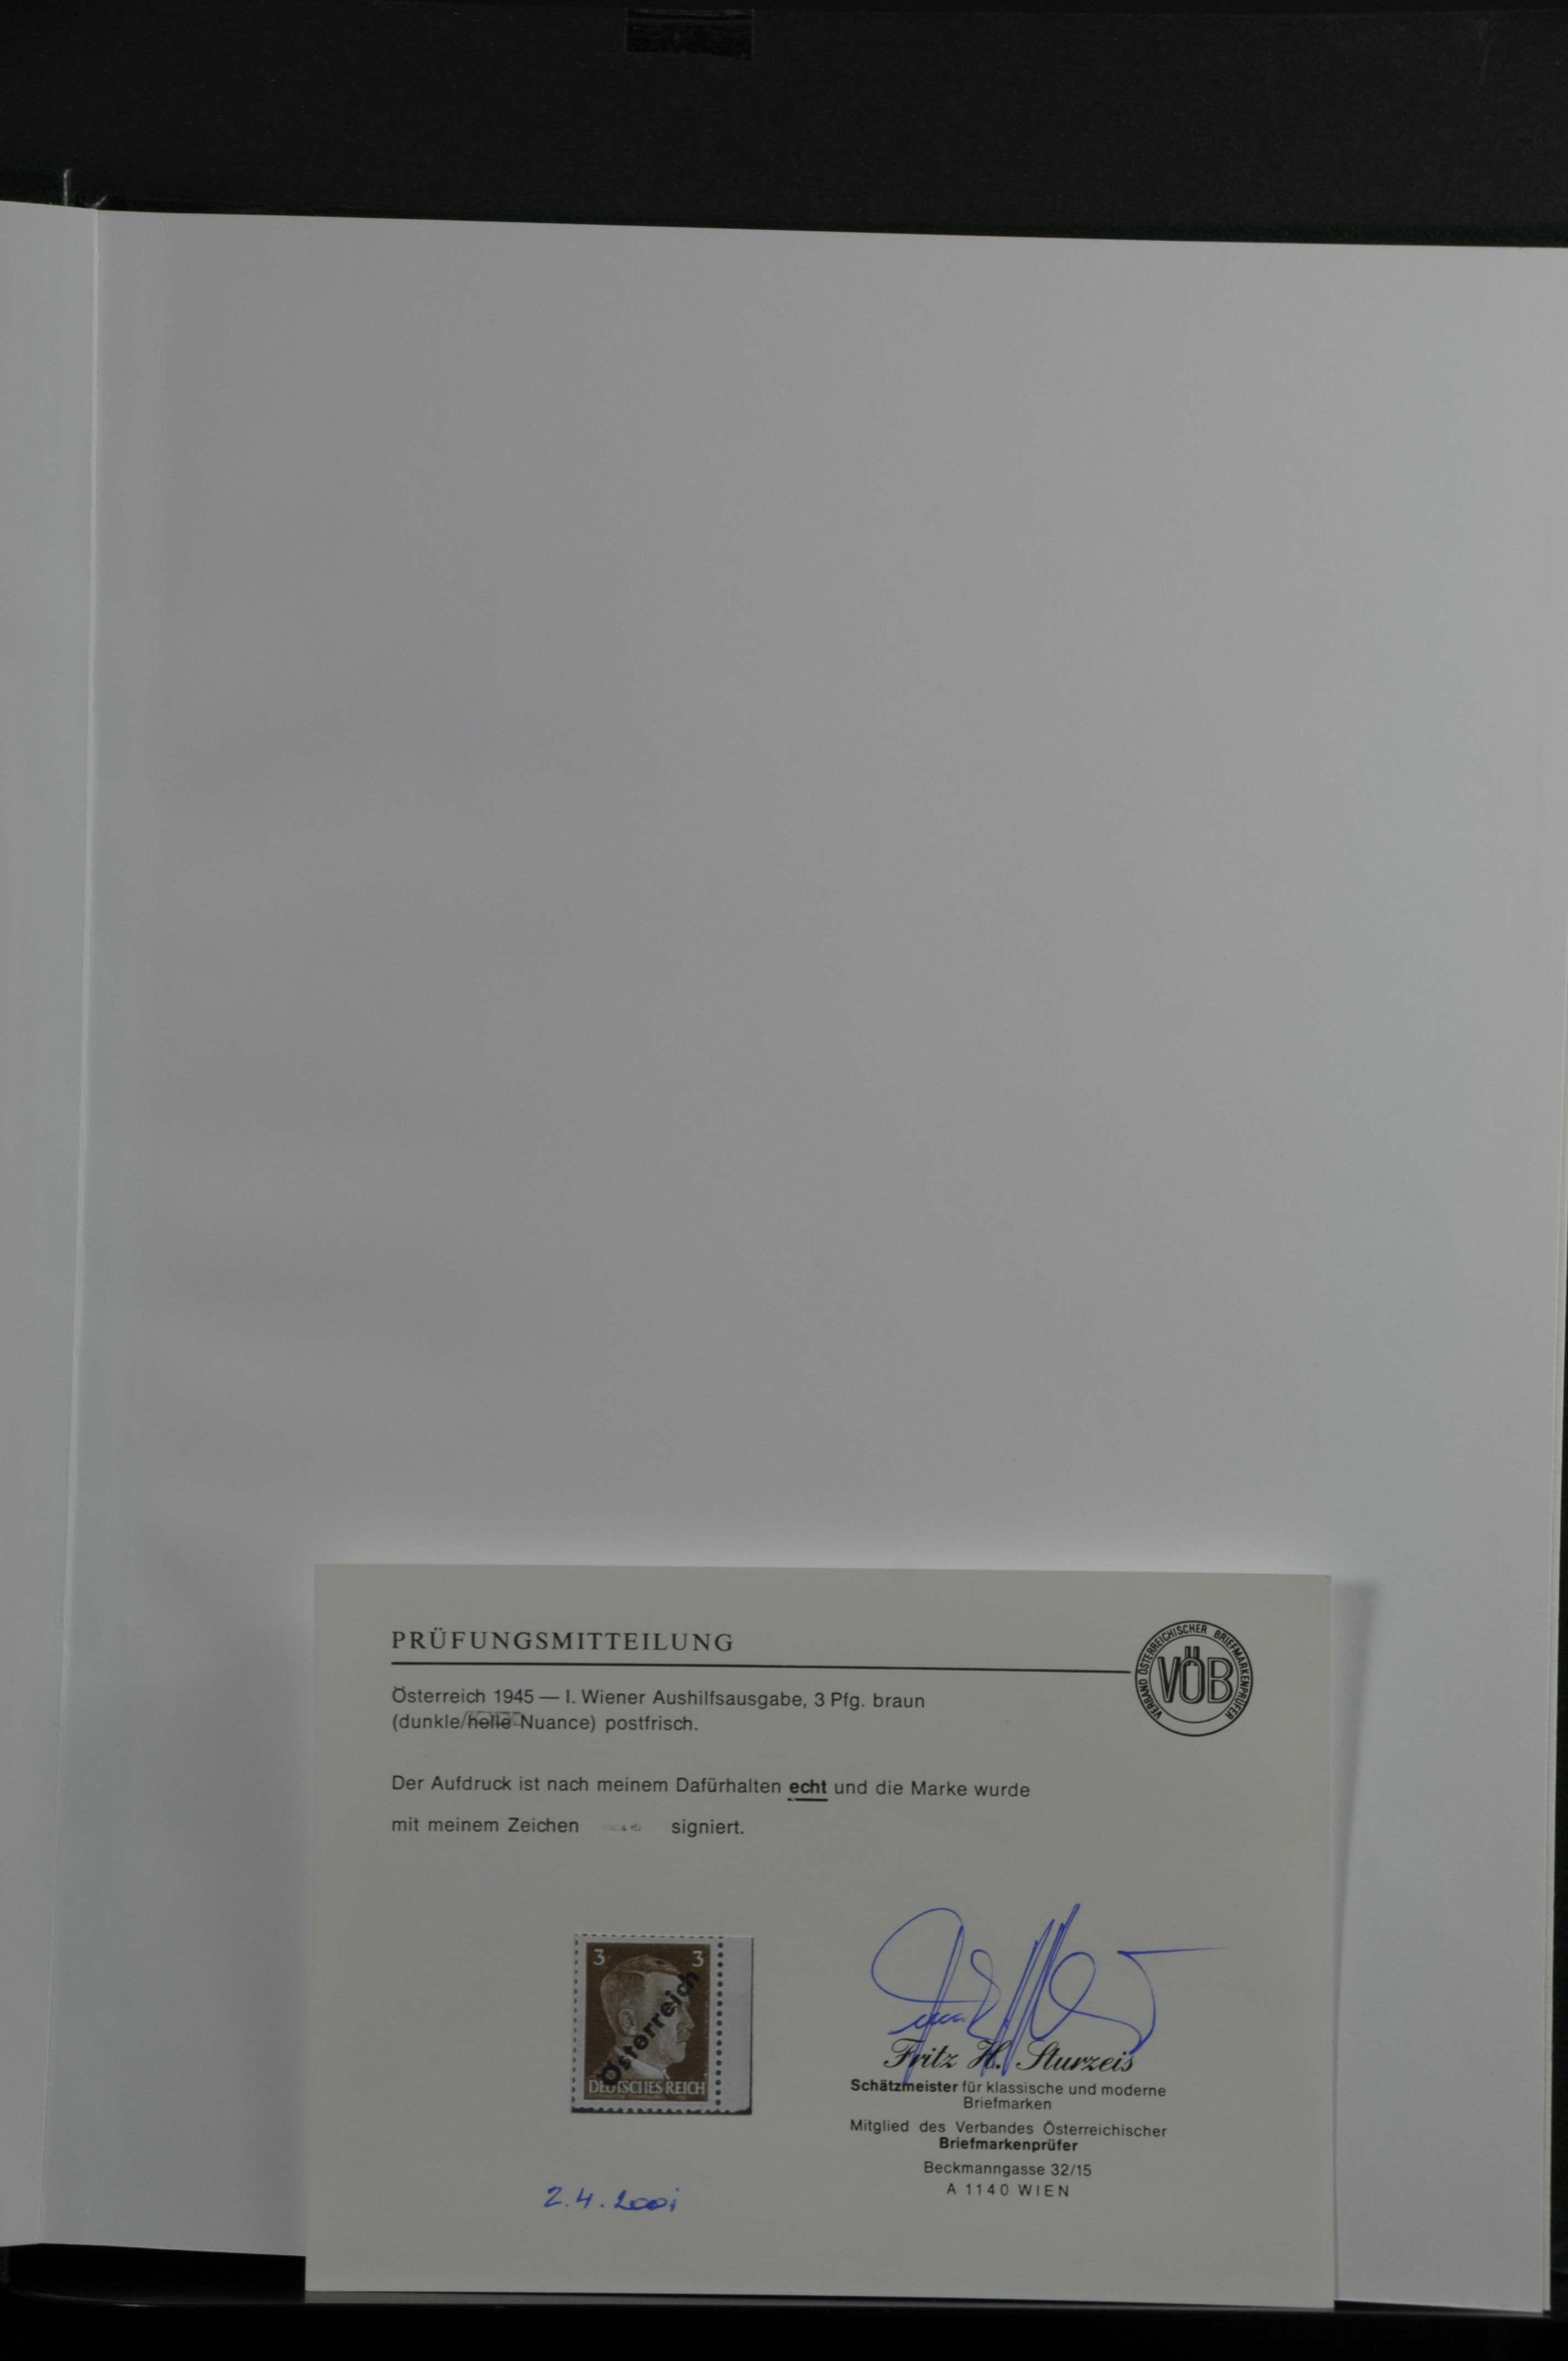 Lot 7001 - Nachlässe, Kartonabteilung  -  Auktionshaus Ulrich Felzmann GmbH & Co. KG